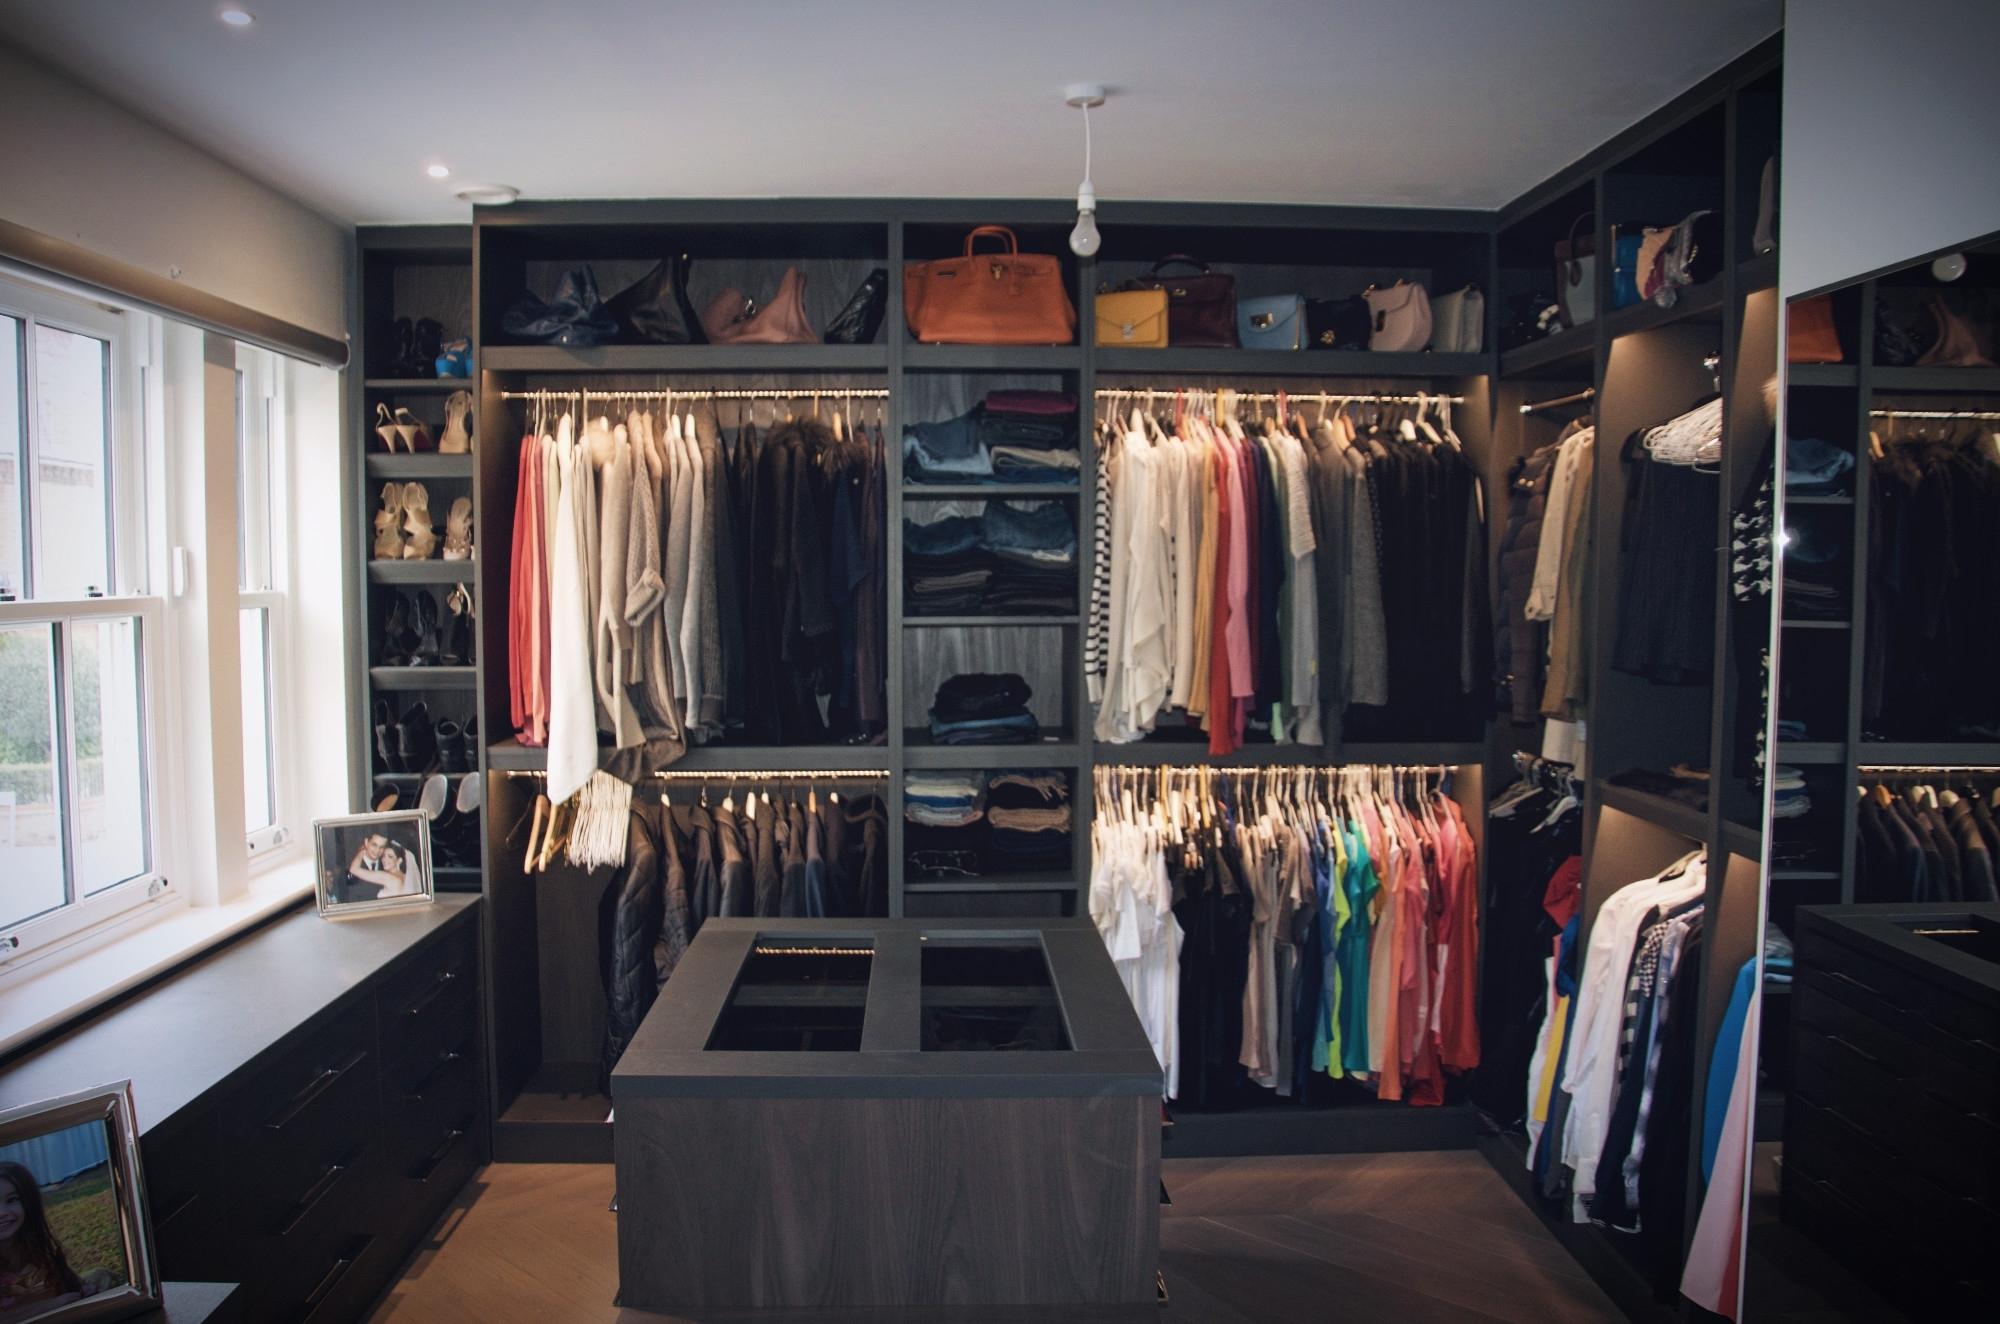 Dark Wardrobes In Most Recent Walk In Wardrobes Design And Ideas, Walk In Closet Interiors (View 6 of 15)